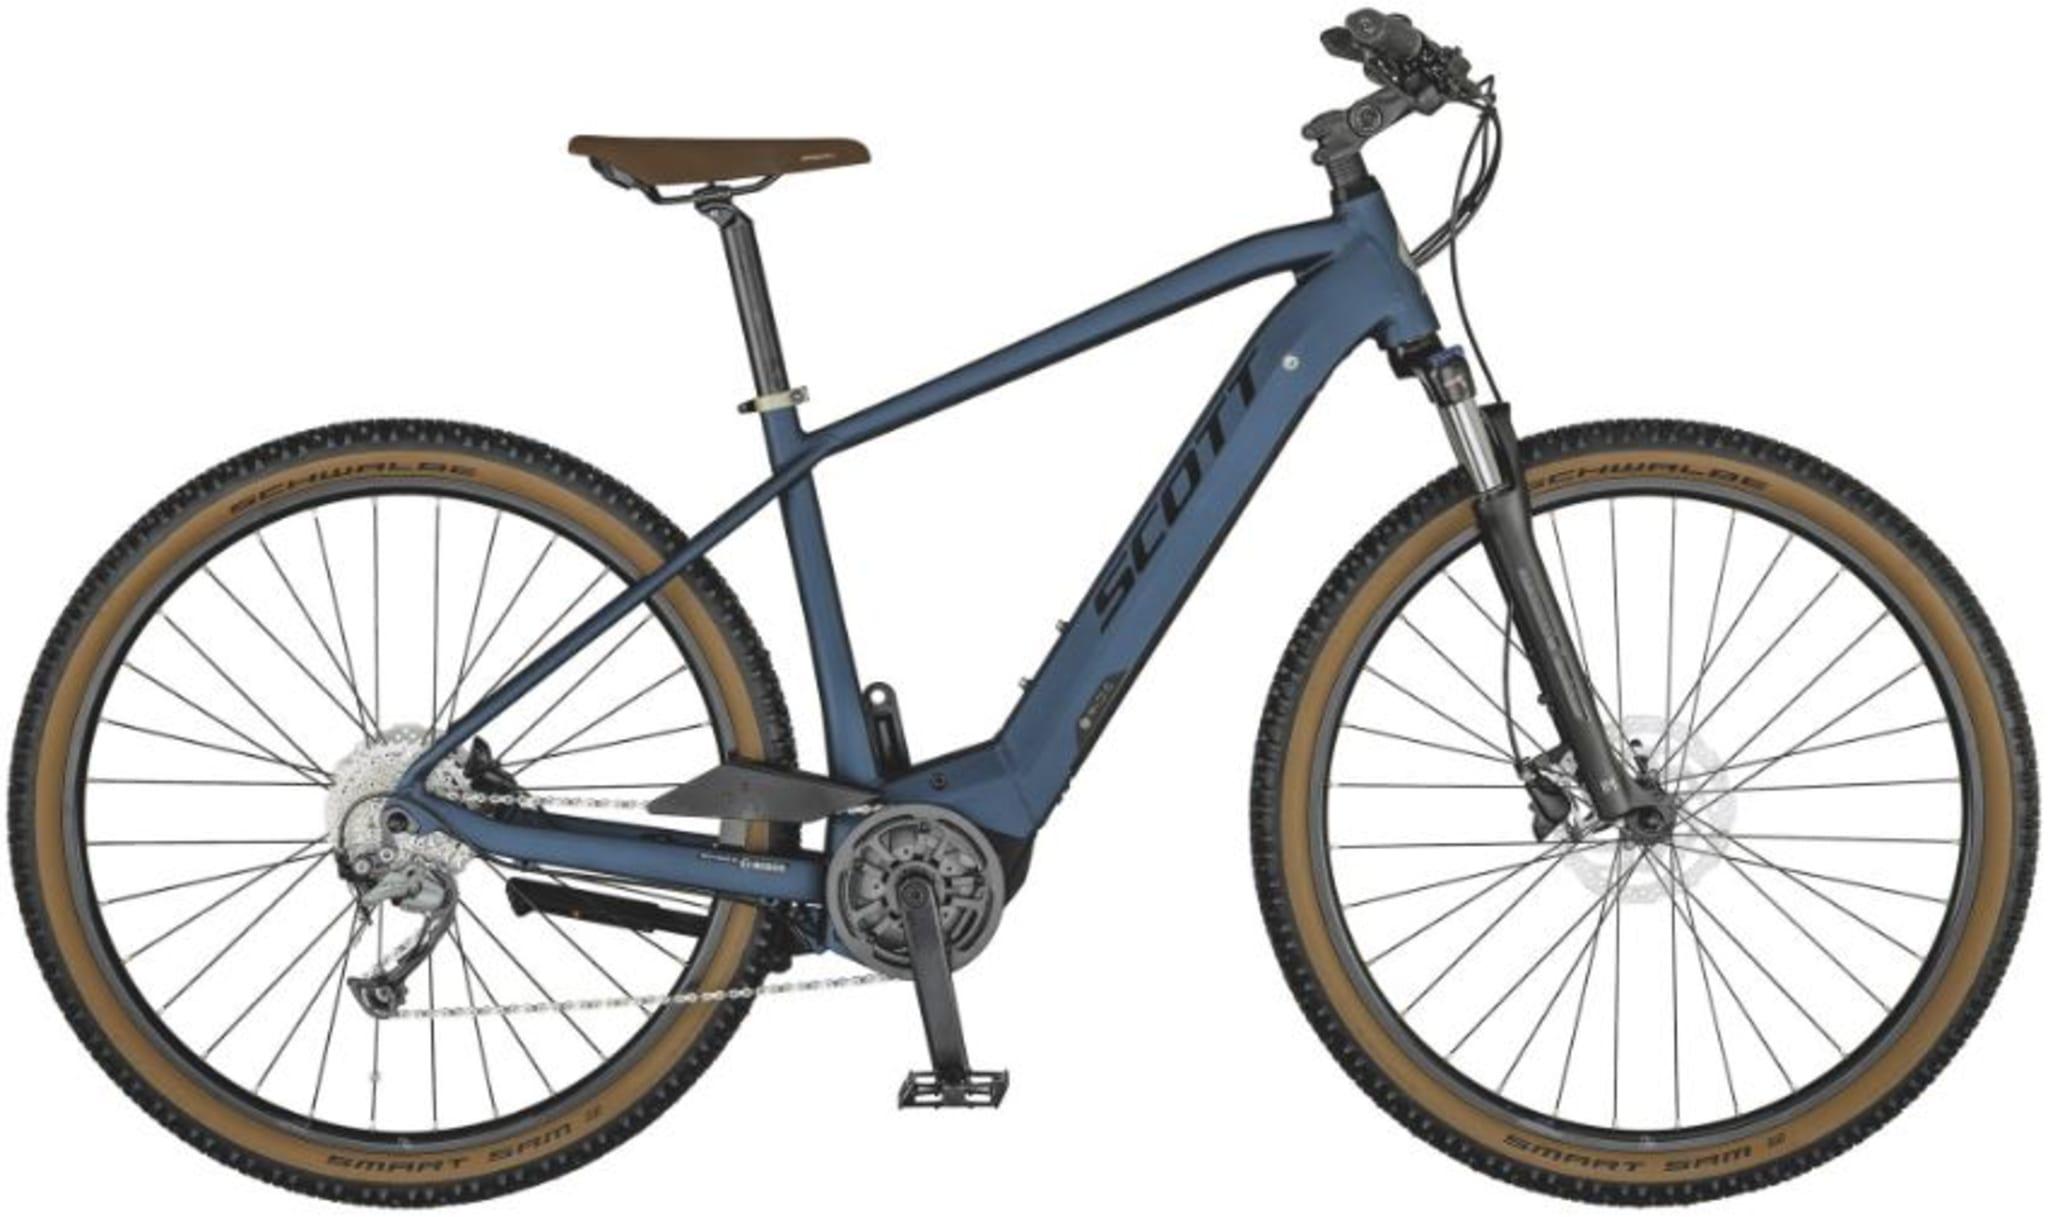 Suveren sykkel for forskjellige underlagene man normalt møter på sine turer, enten det er grus, asfalt eller steinlagte veier.